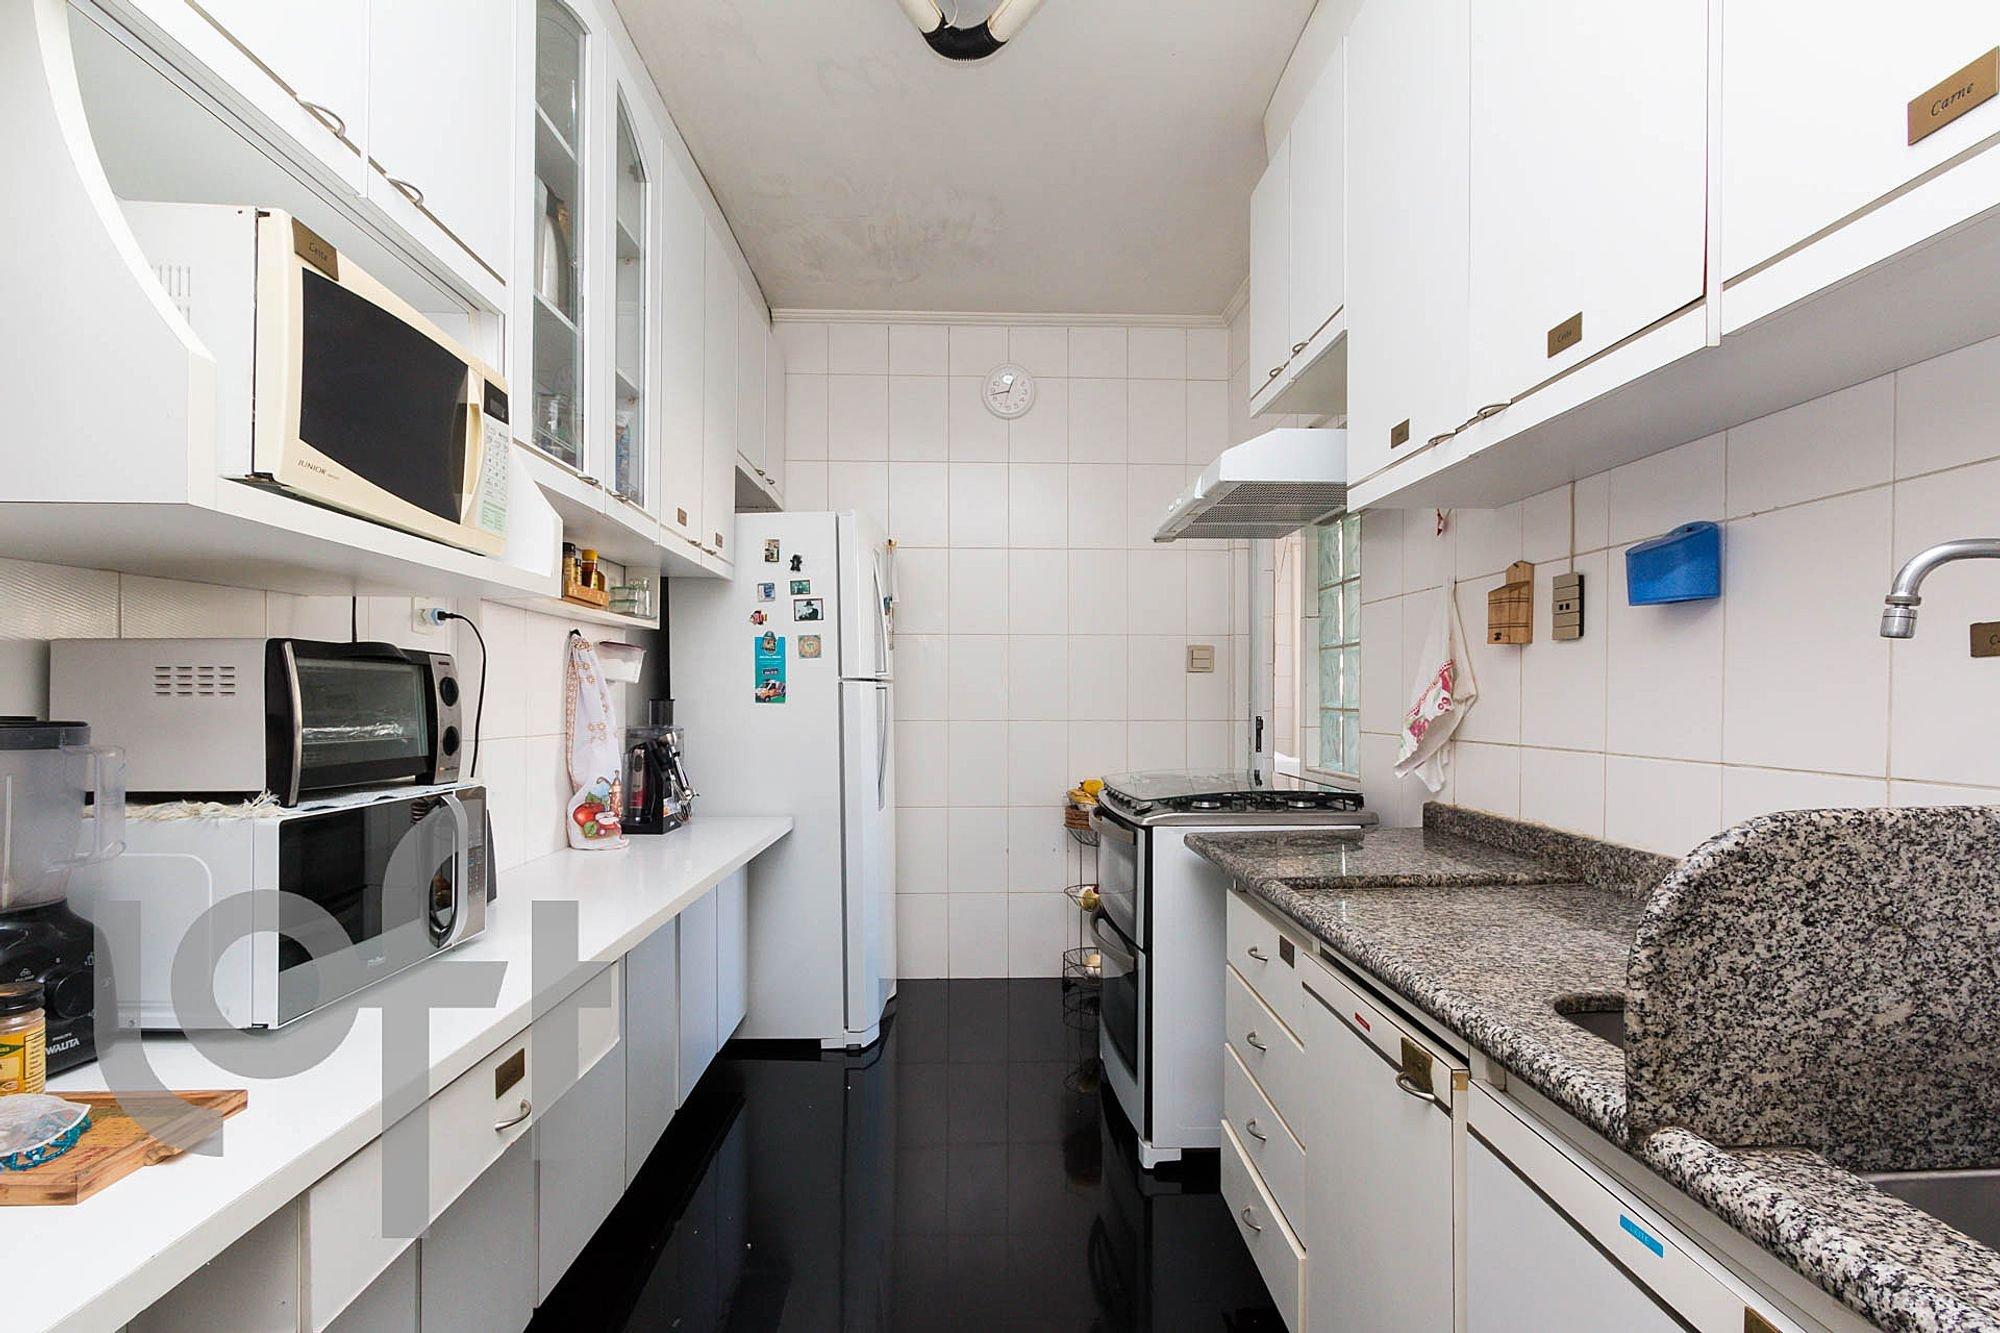 Foto de Cozinha com forno, geladeira, microondas